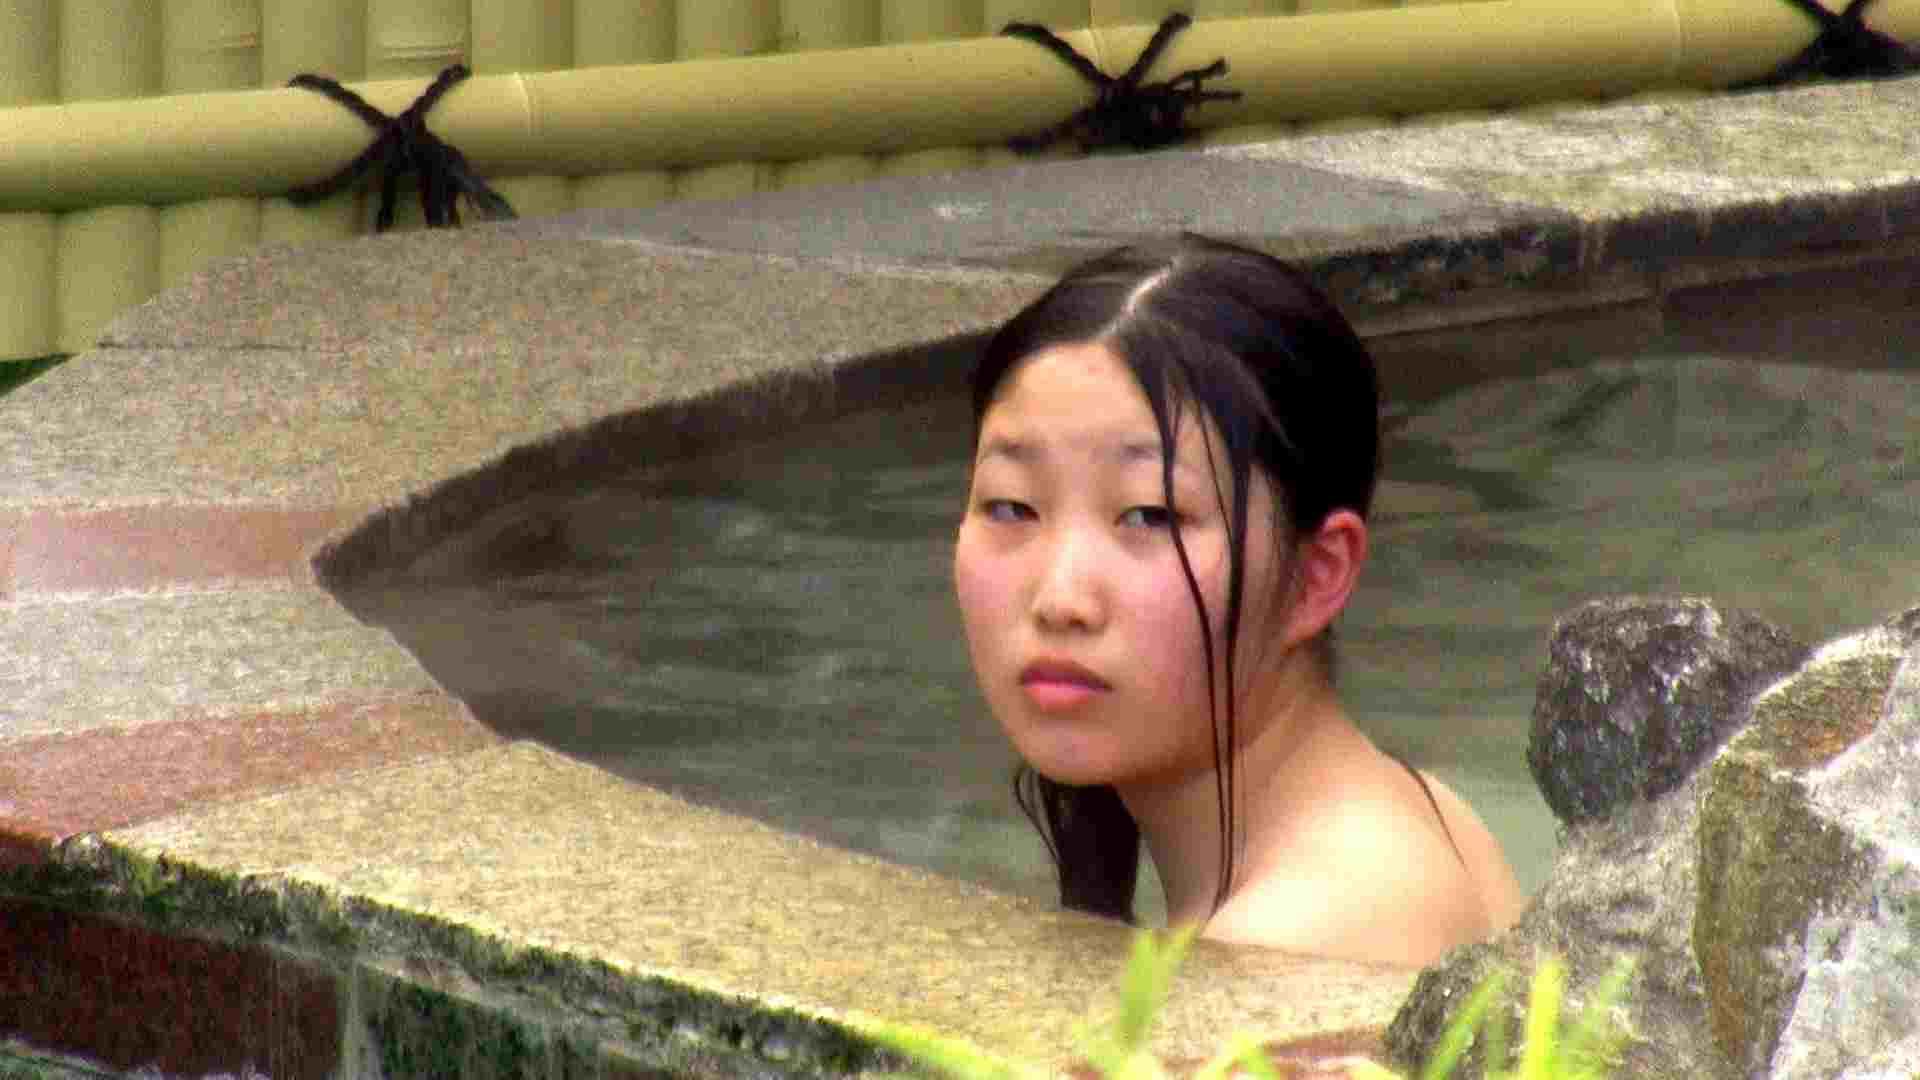 Aquaな露天風呂Vol.218 露天   盗撮  81PICs 46